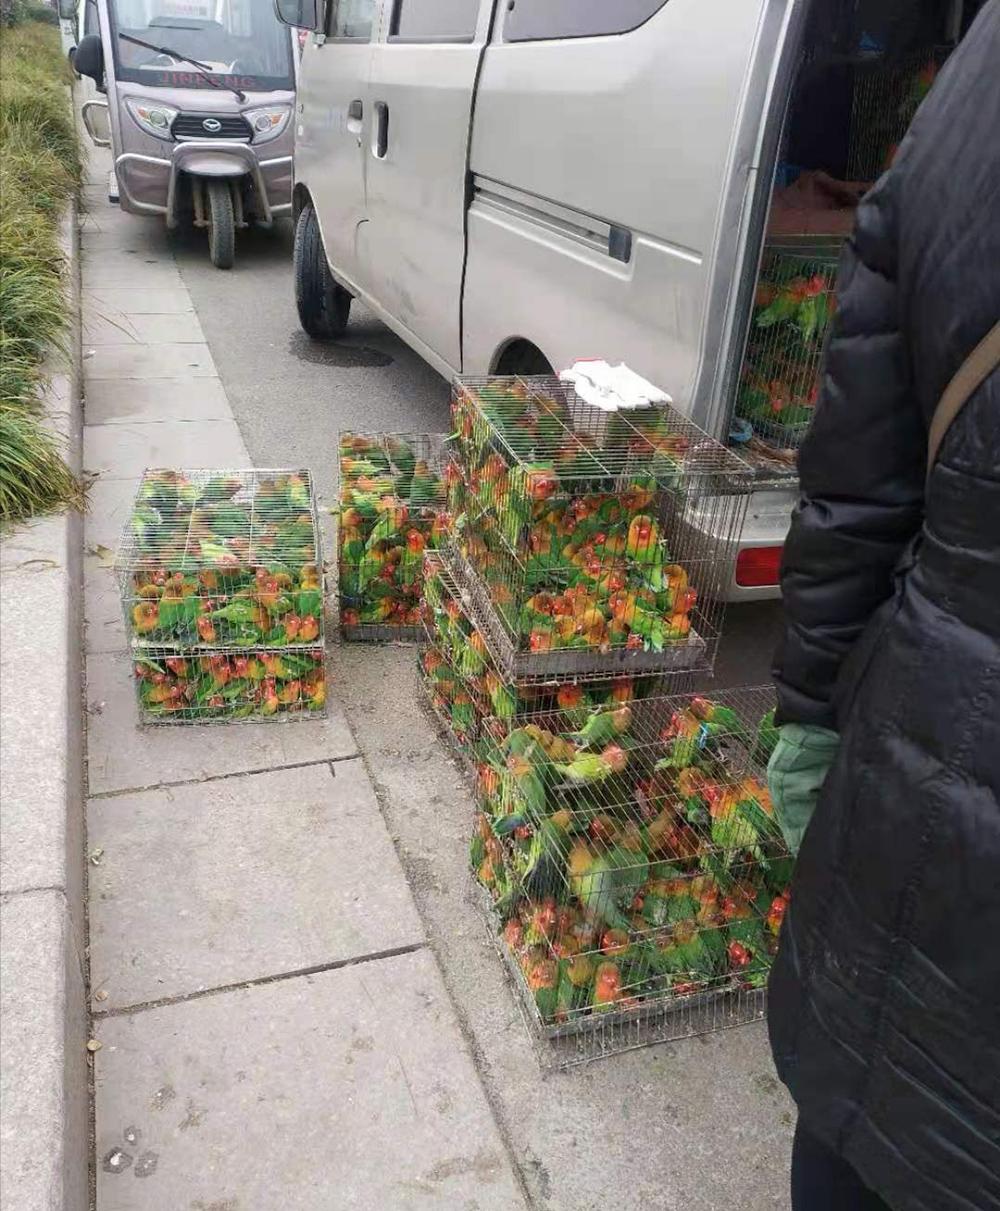 去年1月底,为减少养殖户损失,商丘市政府组织收购养殖户的鹦鹉,免费送给各地动物园。 养殖户供图